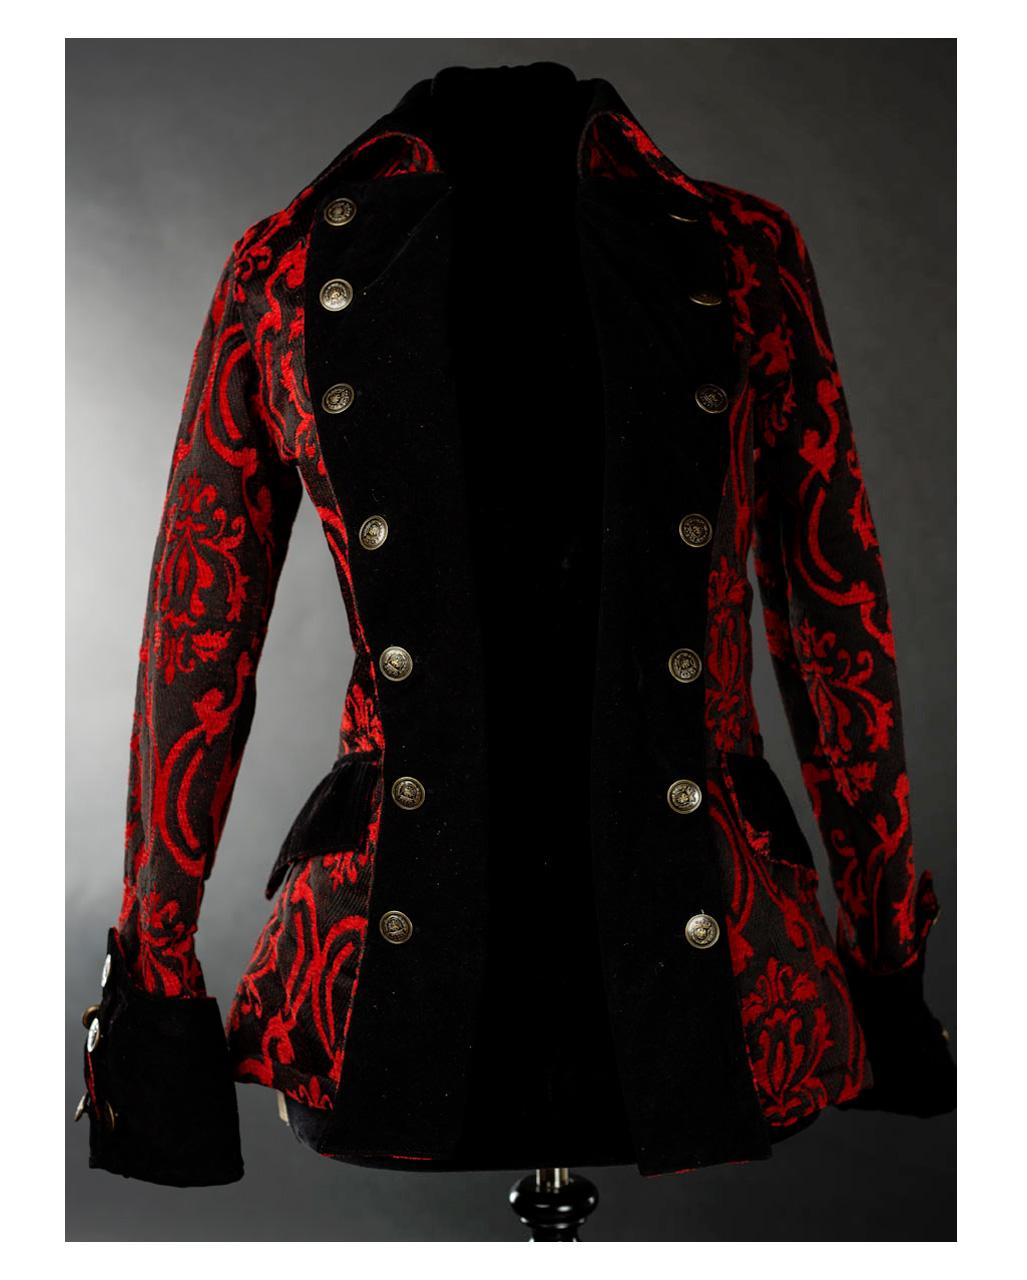 Ladies Pirate Jacket Red Brocade